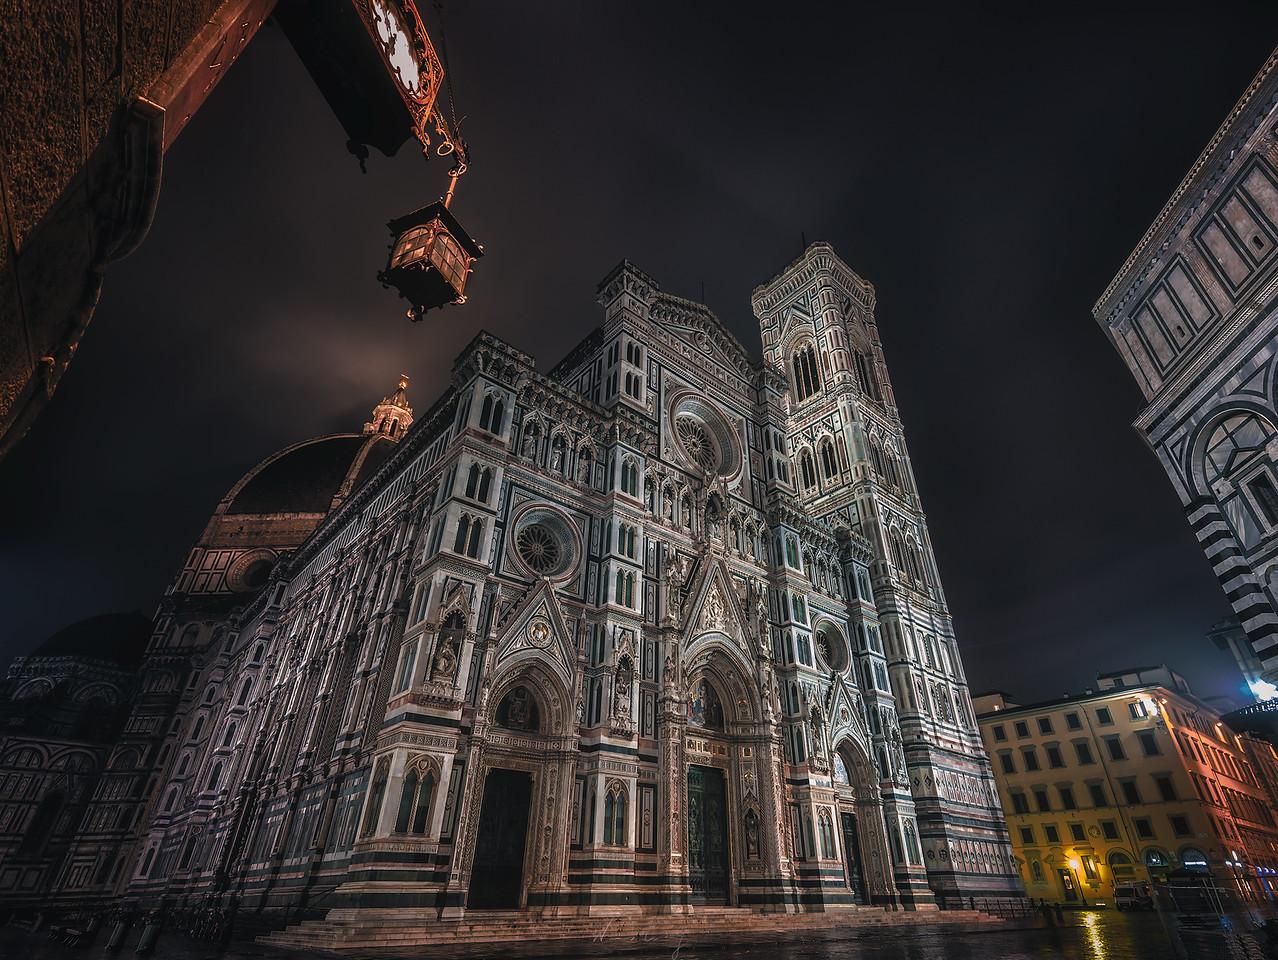 到佛羅倫斯攝影 聖母百花大教堂 by 旅行攝影師張威廉 Wilhelm Chang